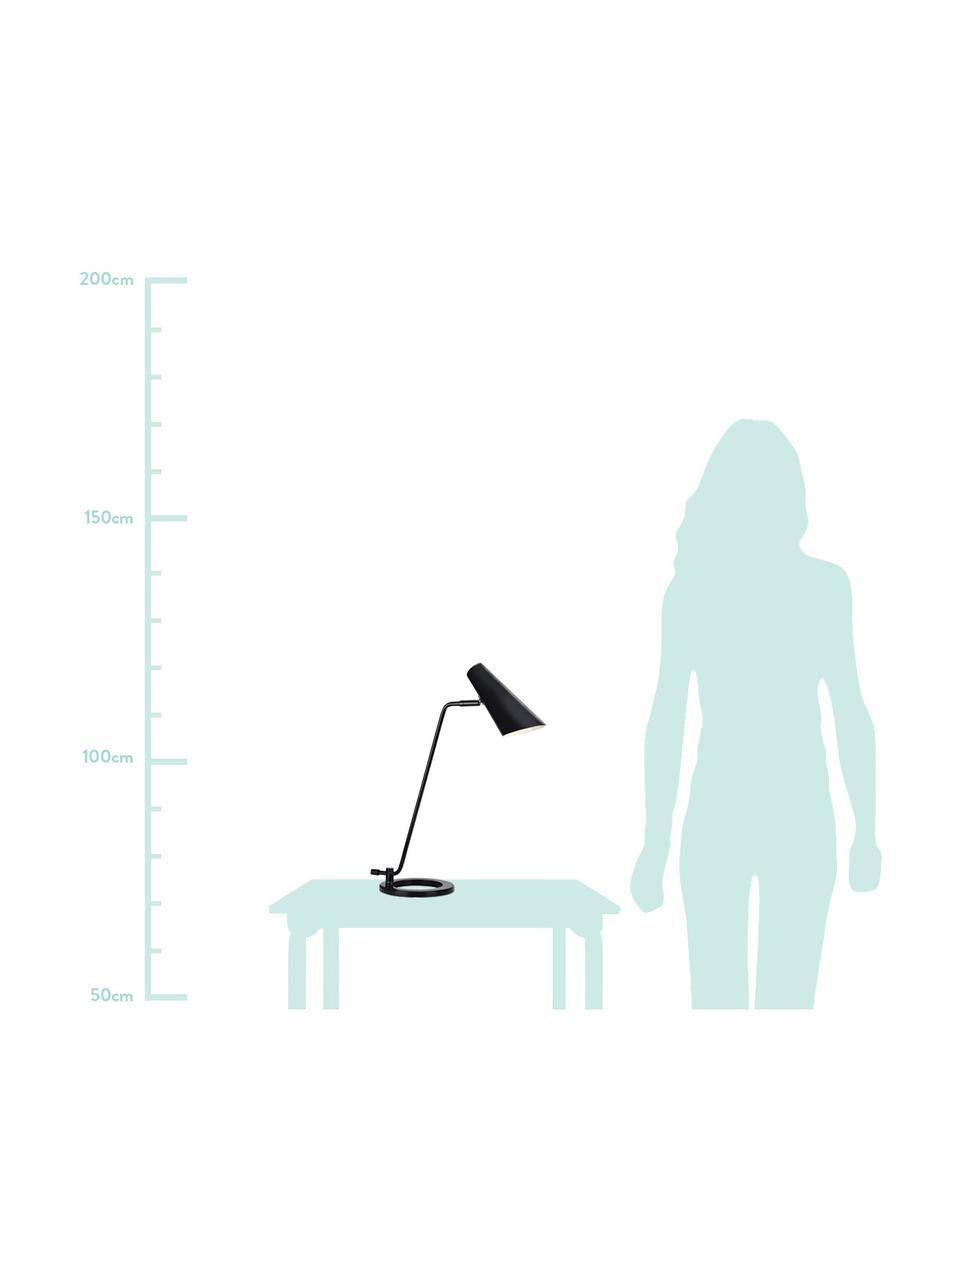 Große Schreibtischlampe Cal aus Metall, Lampenschirm: Metall, lackiert, Lampenfuß: Metall, lackiert, Schwarz<br>Lampenschirm innen: Weiß, 40 x 50 cm